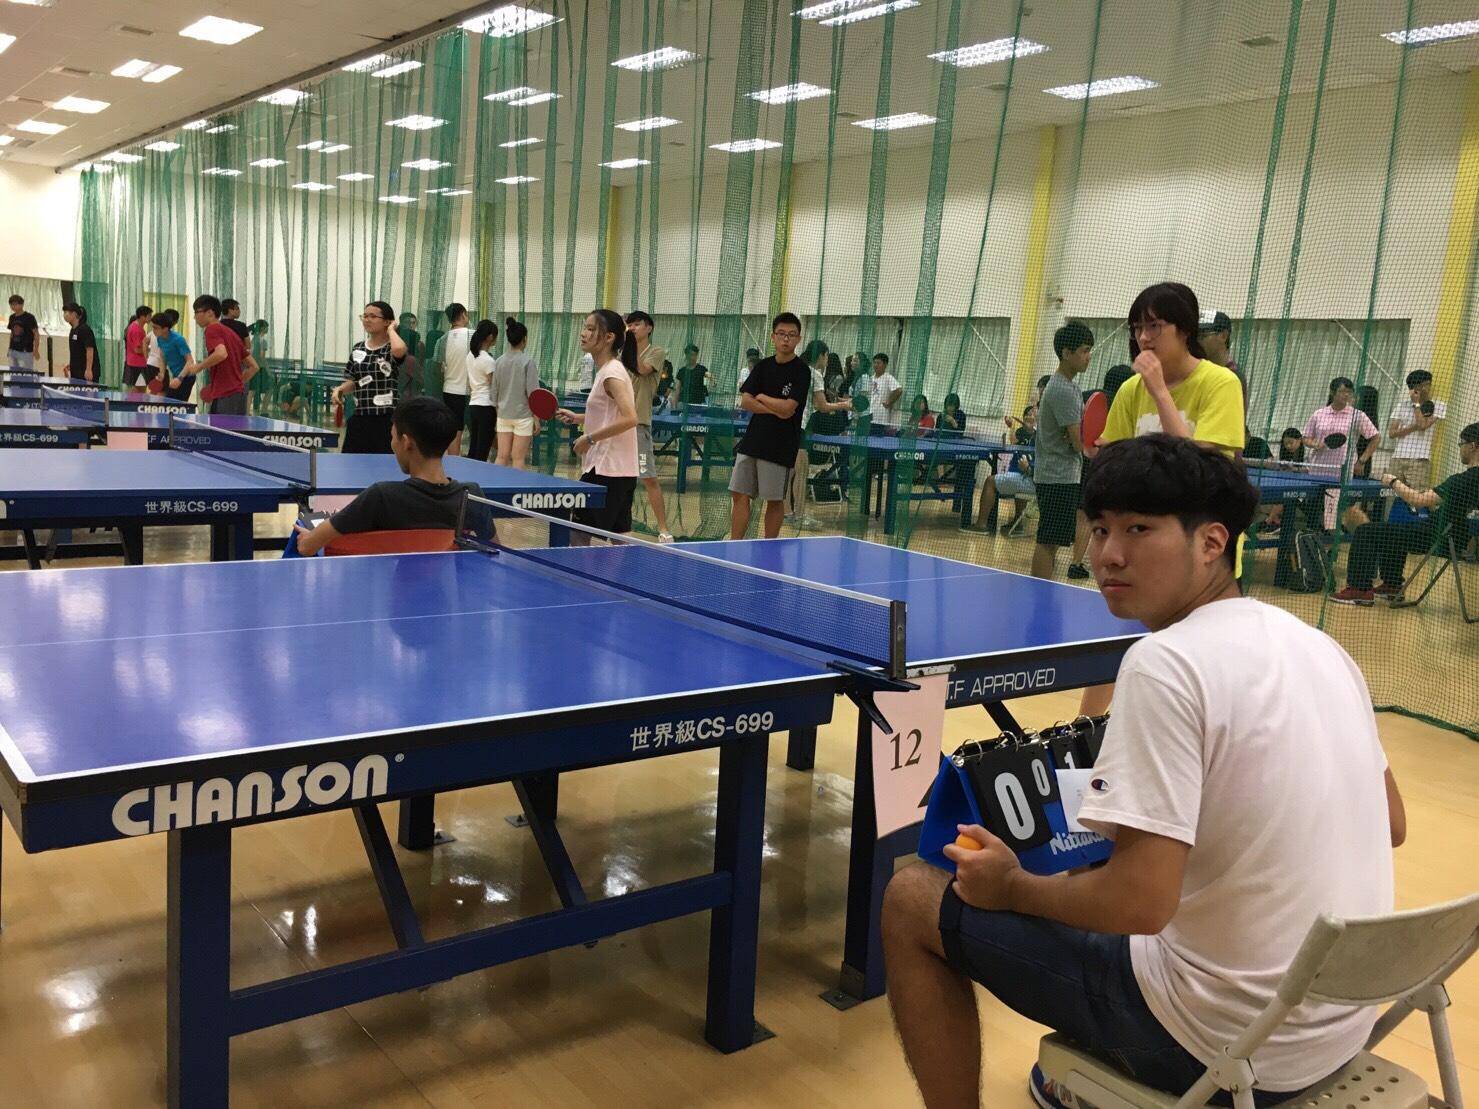 女子組桌球賽現場。照片來源/蔡謹卉